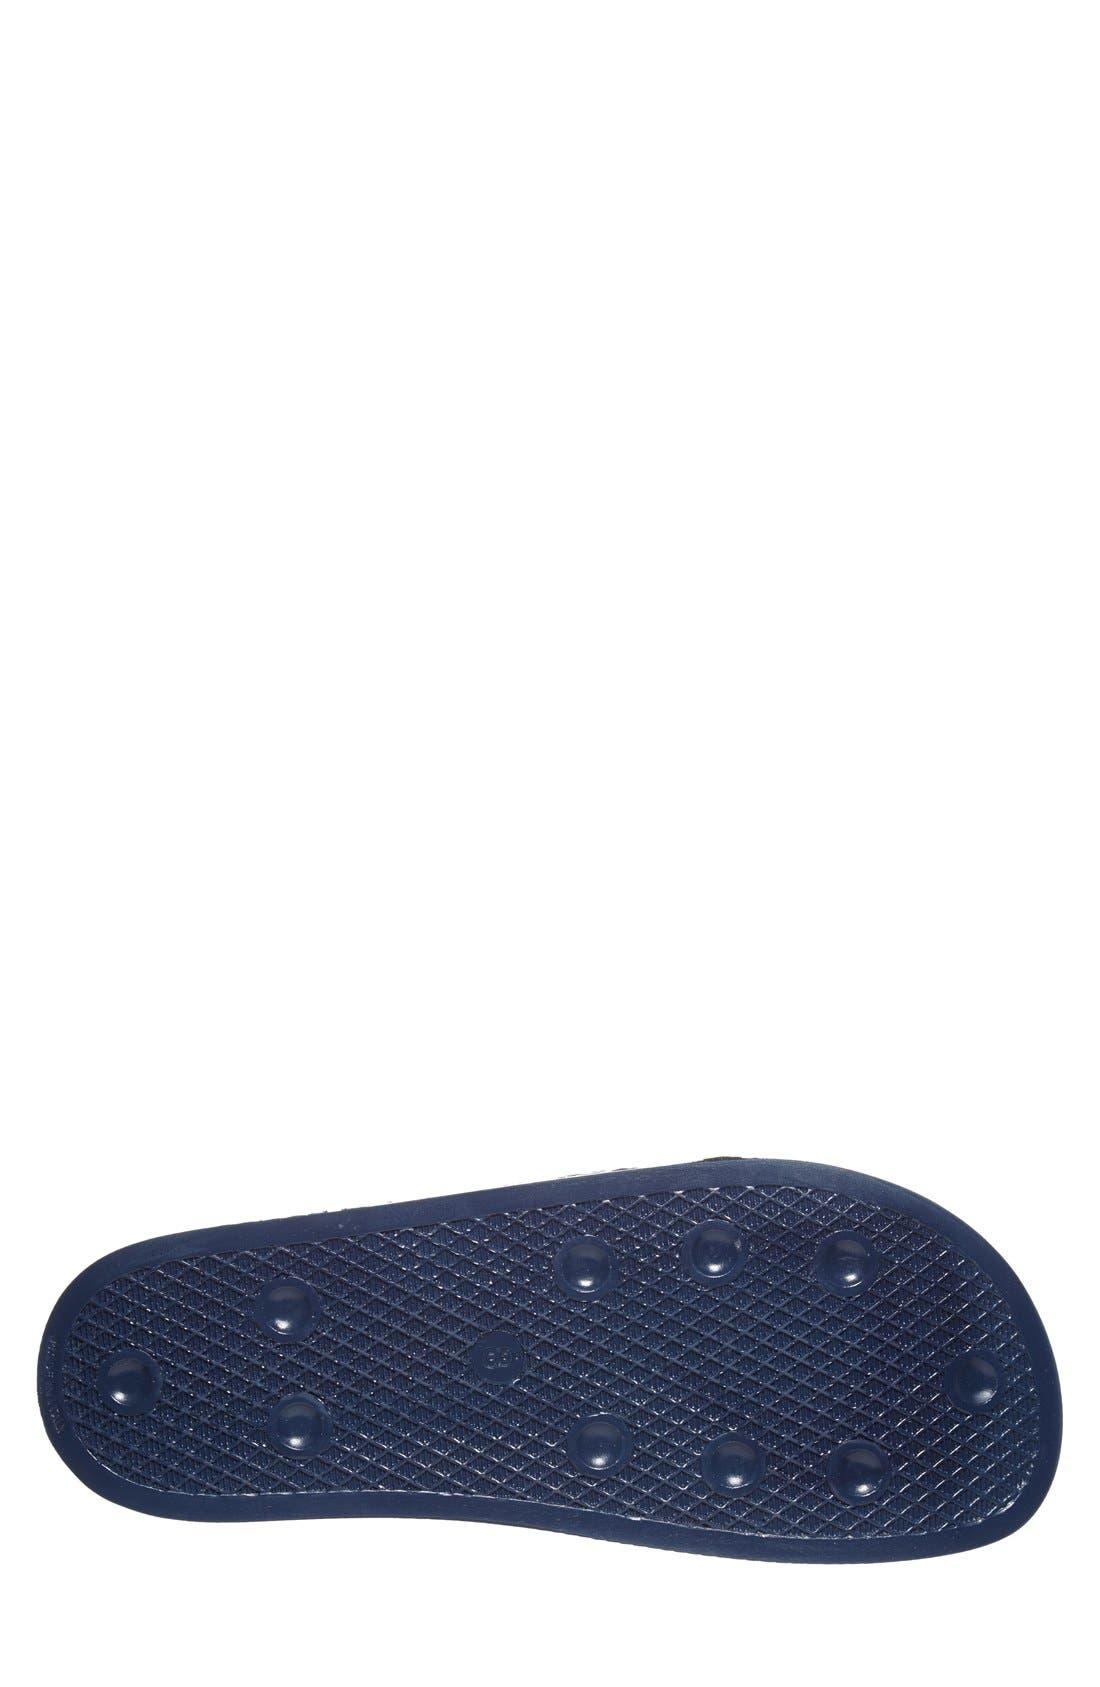 Alternate Image 4  - adidas 'Adilette' Slide Sandal (Men)